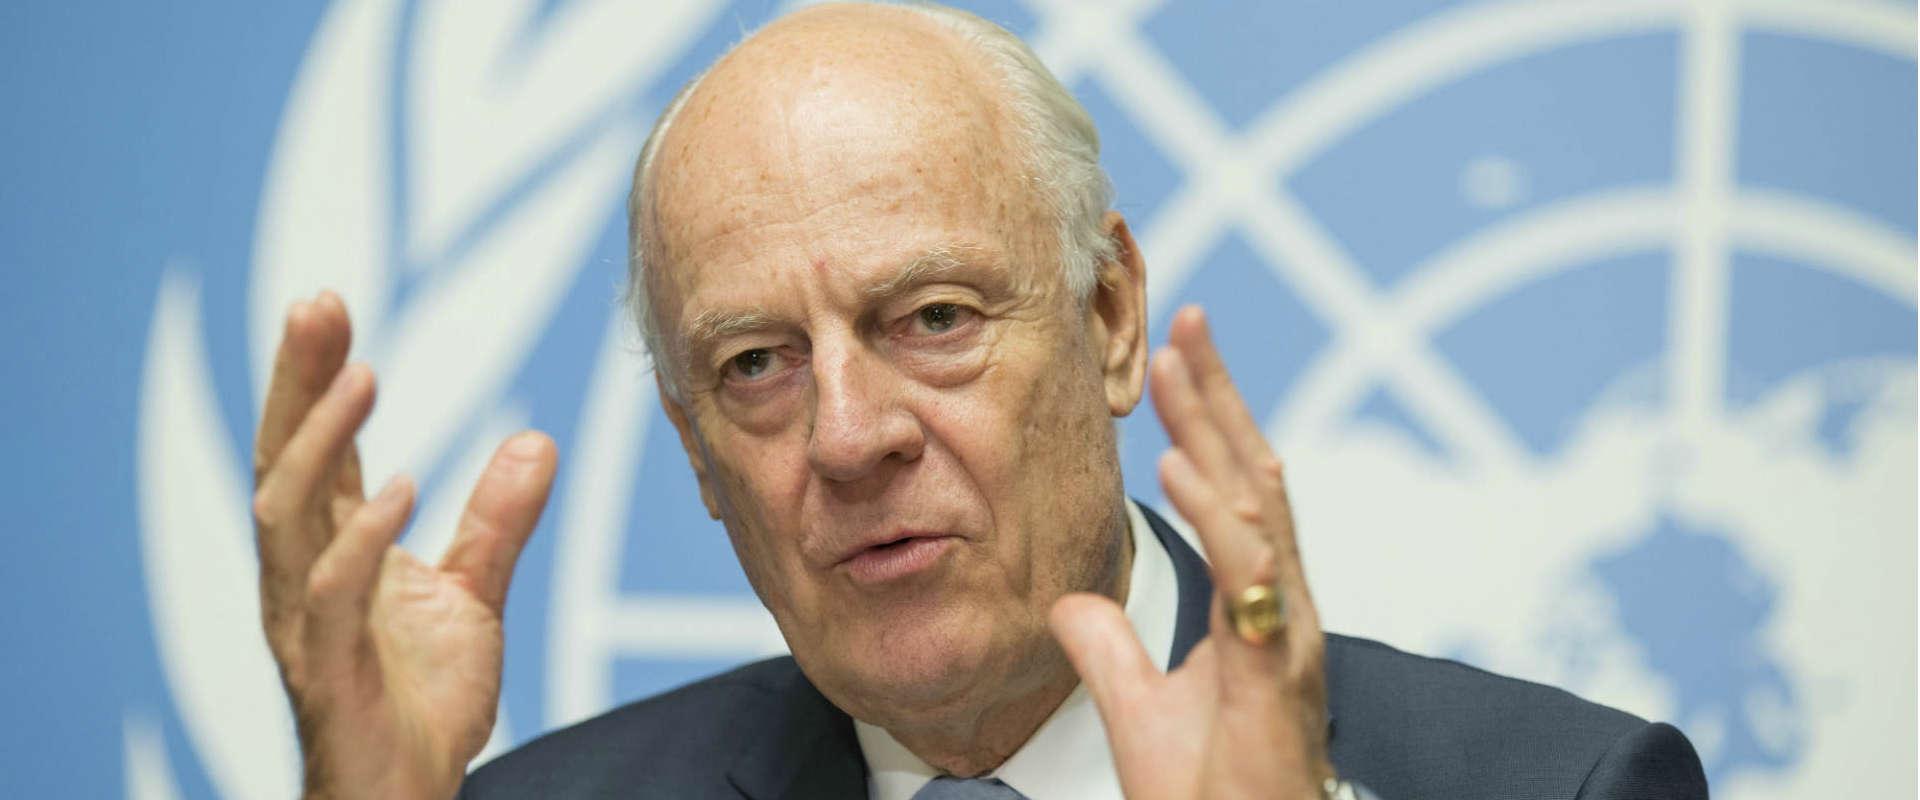 """שליח האו""""ם לסוריה, סטפן דה-מיסטורה"""